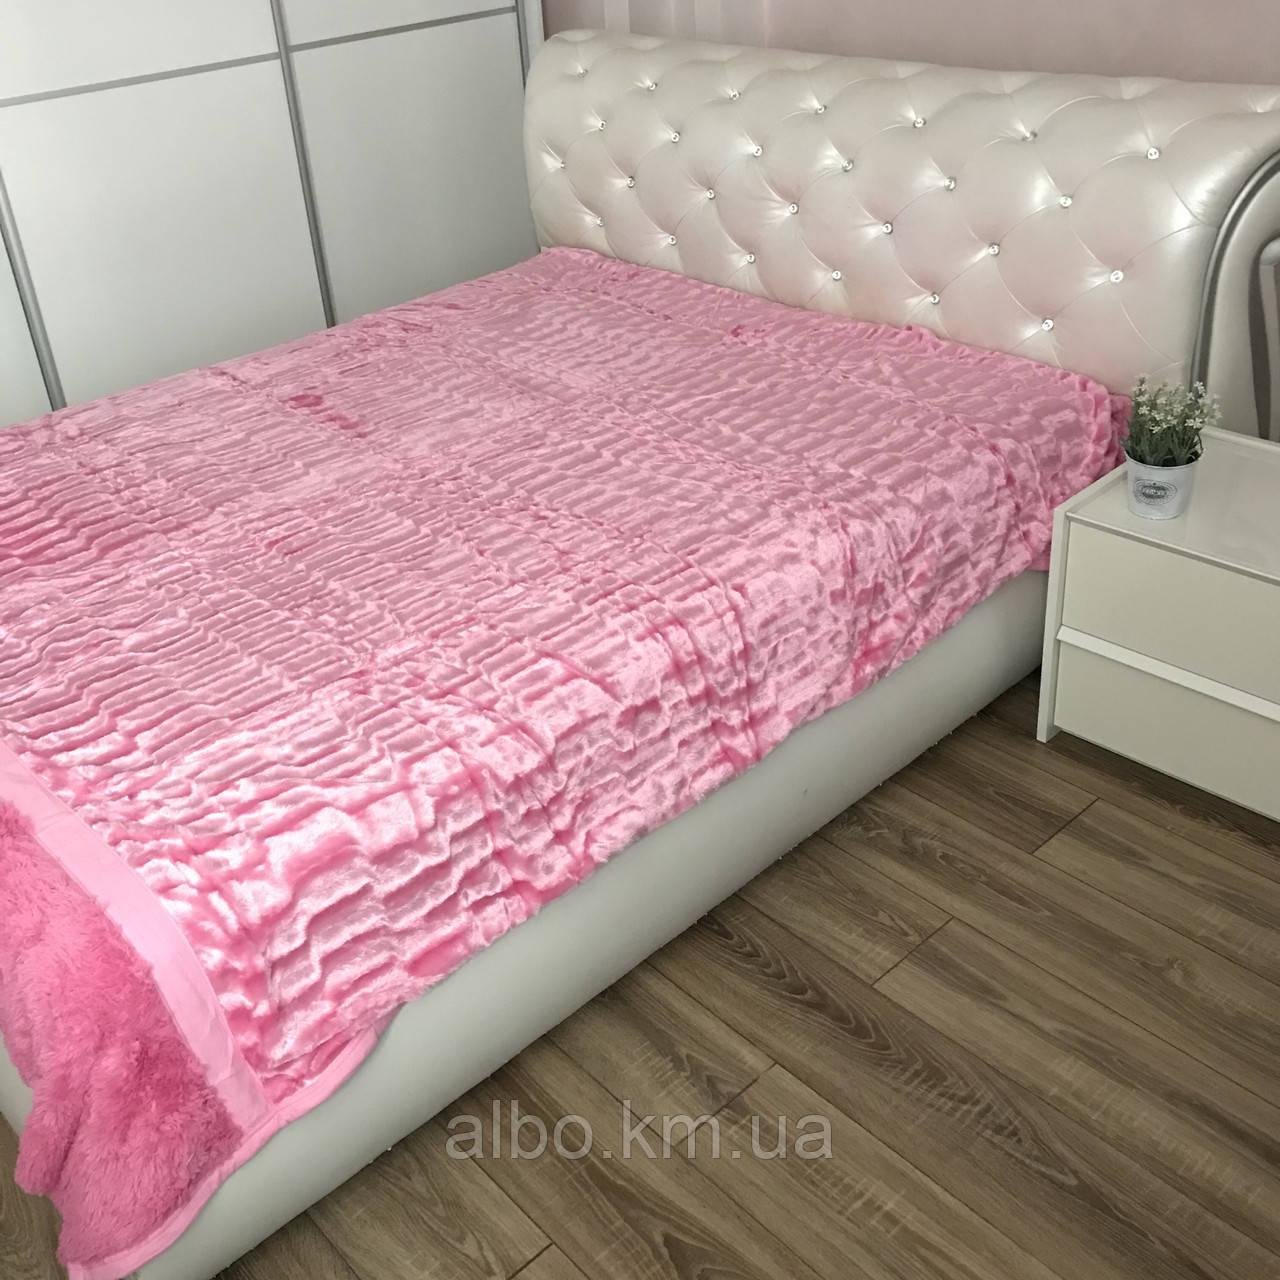 Покрывало из искусственного меха 200х230 см Норка, розовое (05) на кровать, диван